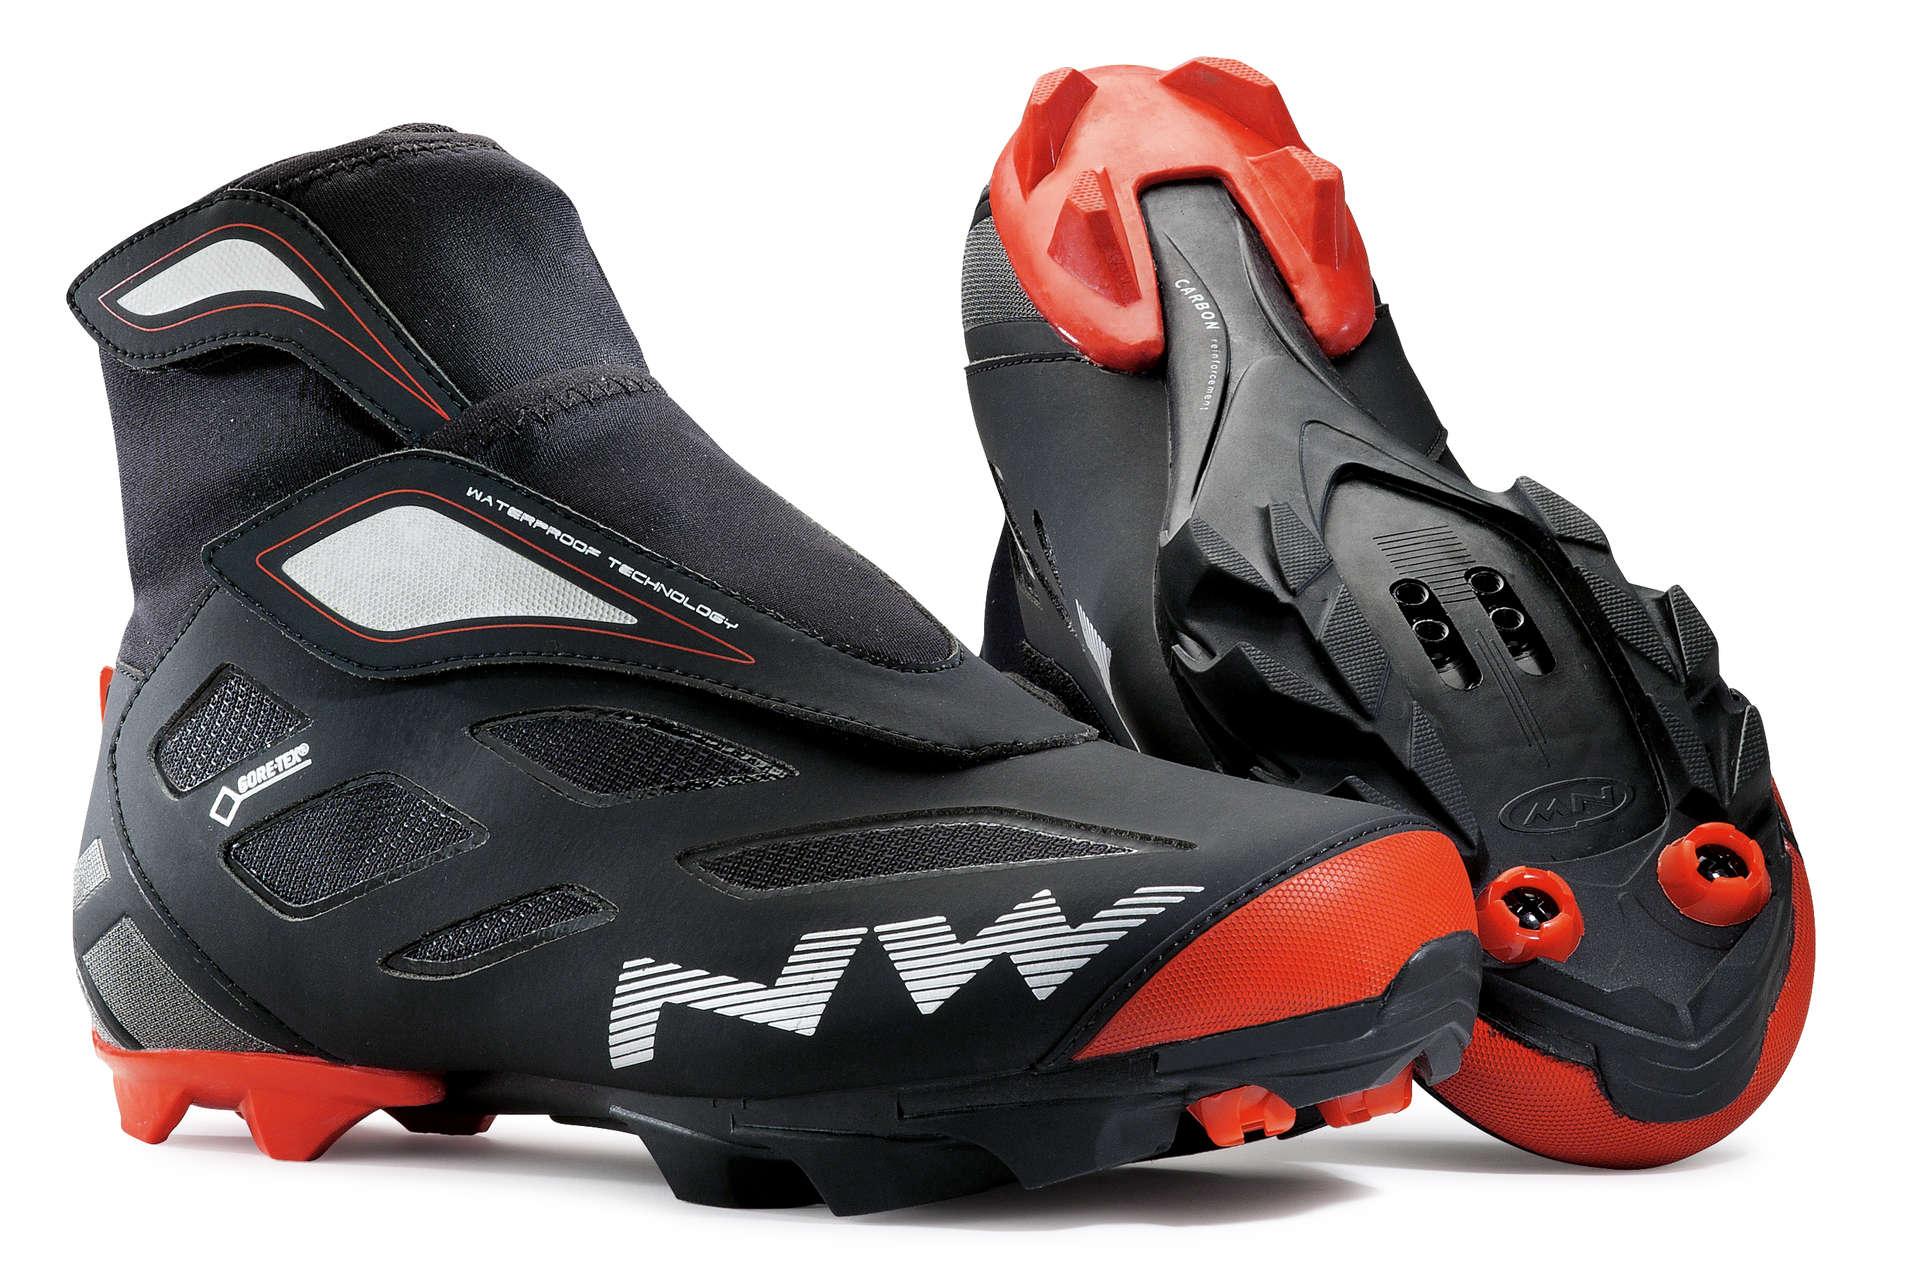 Northwave Celsius 2 GTX Mountainbikeschoenen Zwart/Rood Heren